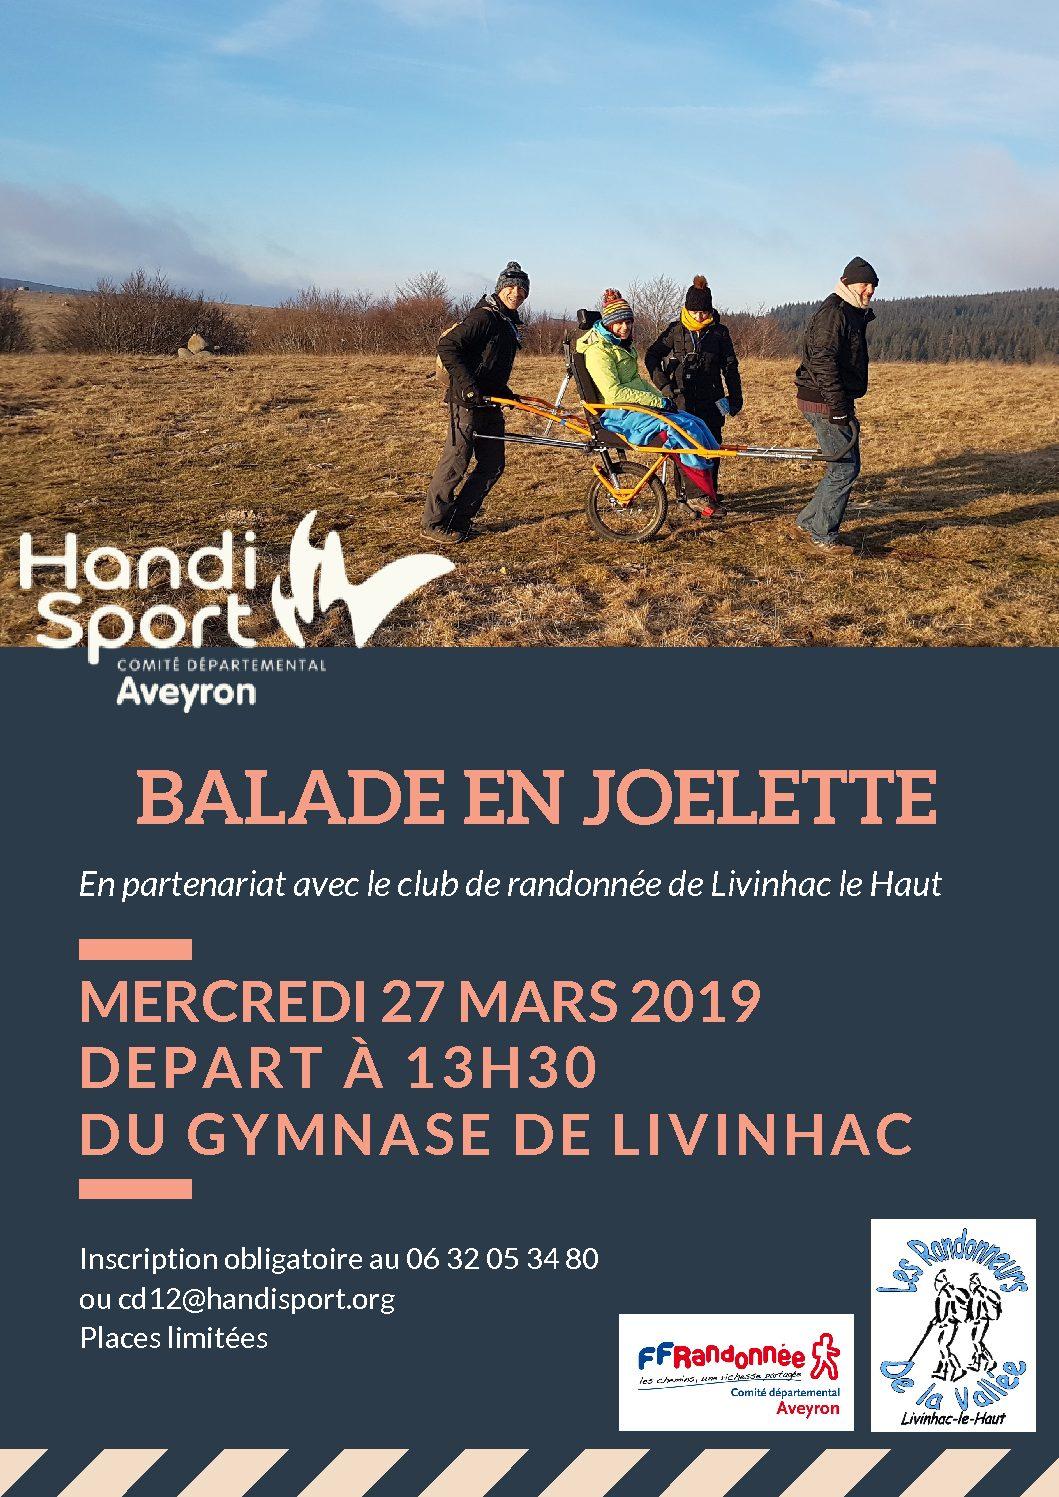 Rando Joelette avec le Club de randonnée de Livinhac Le Haut